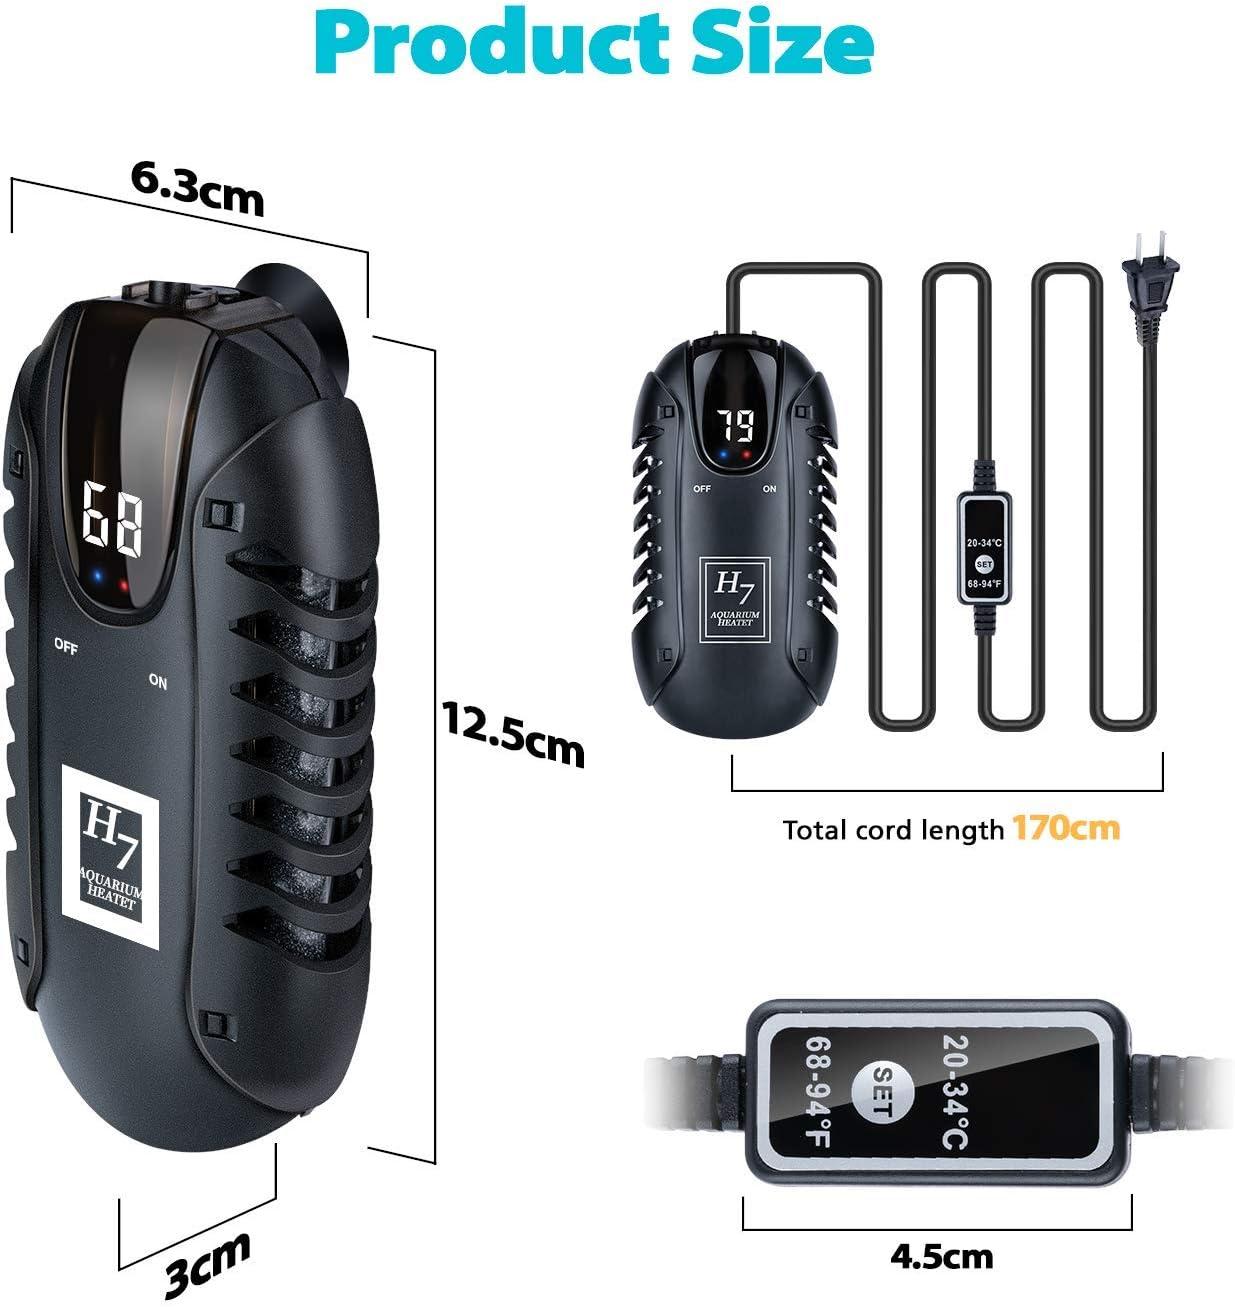 PGFUNNY - Calentador de Acuario, Pantalla Digital LED Ajustable, termostato Inteligente Betta Fish Heater, para 3 a 50 galones Betta Tank Calentador con Protector Protector: Amazon.es: Productos para mascotas